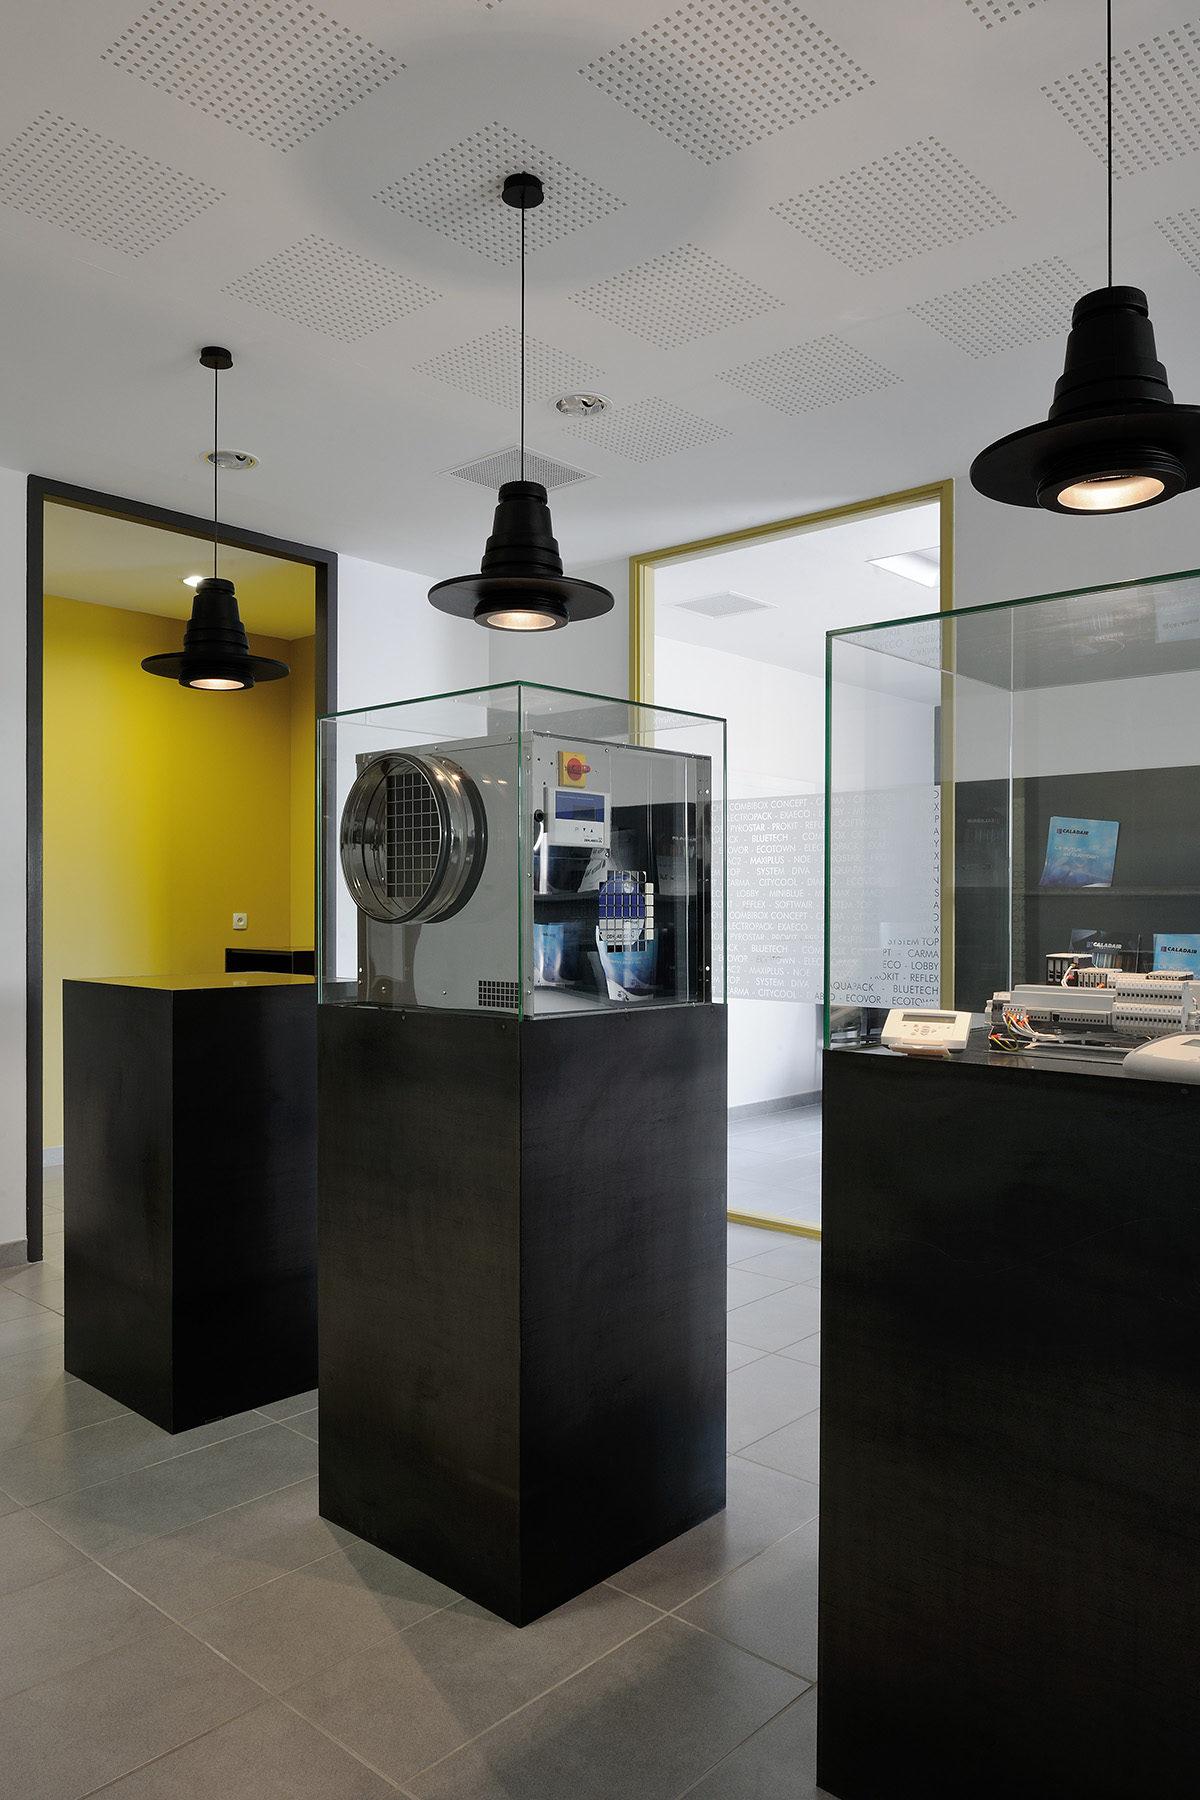 Réalisation commercial. Claude Cartier décoration architecte d'intérieur à Lyon.